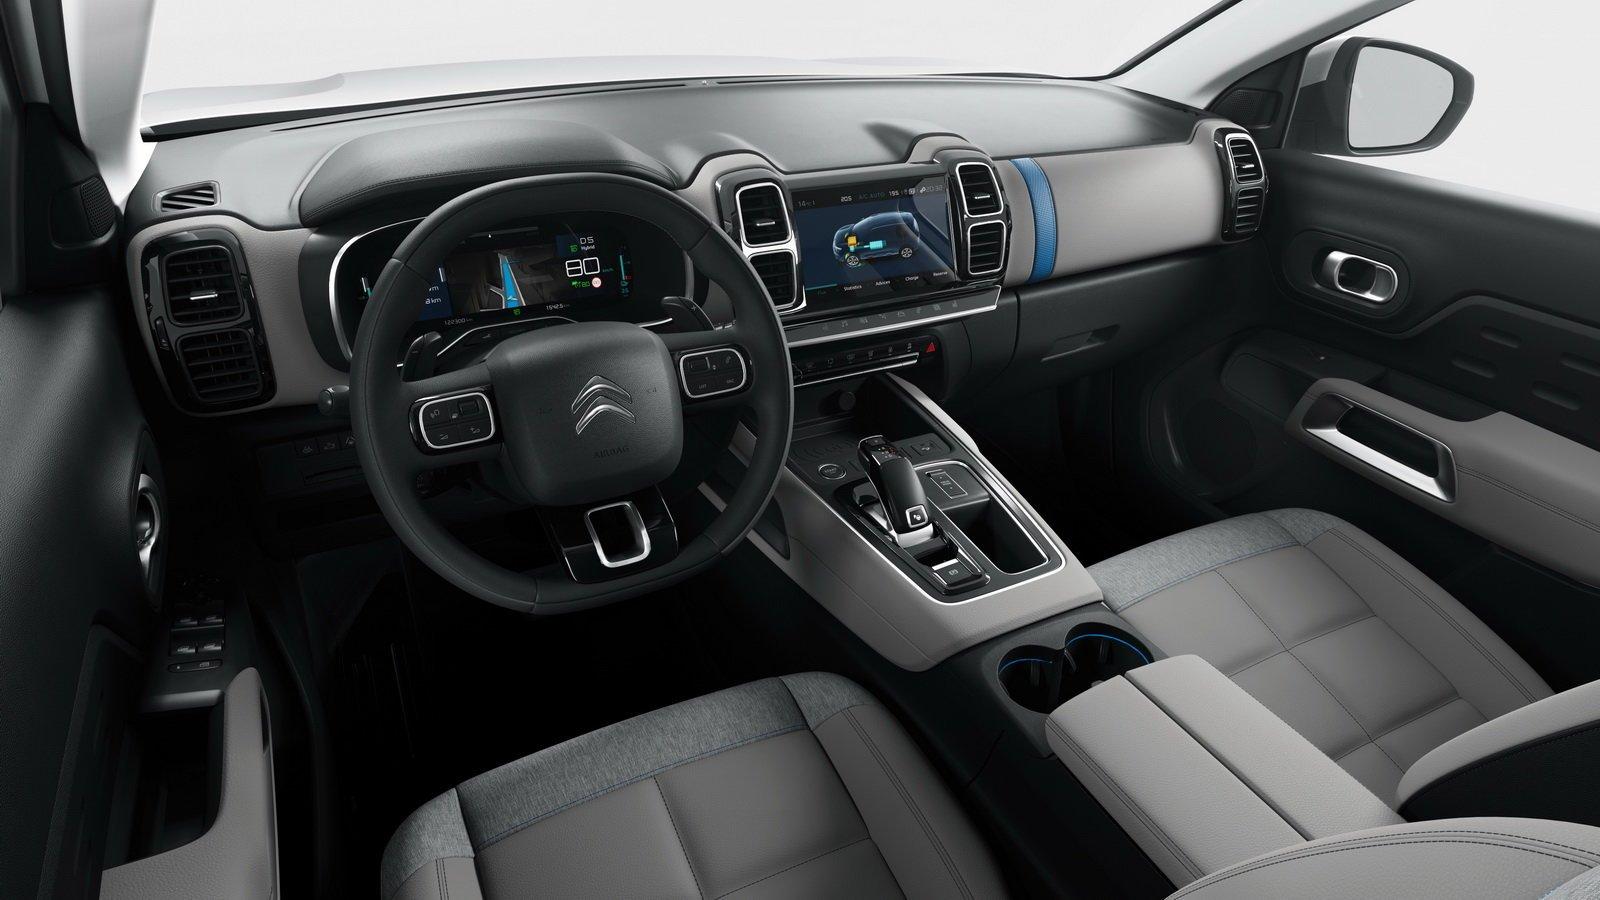 Motori: con C5 Aircross Hybrid la ricarica è semplice e veloce